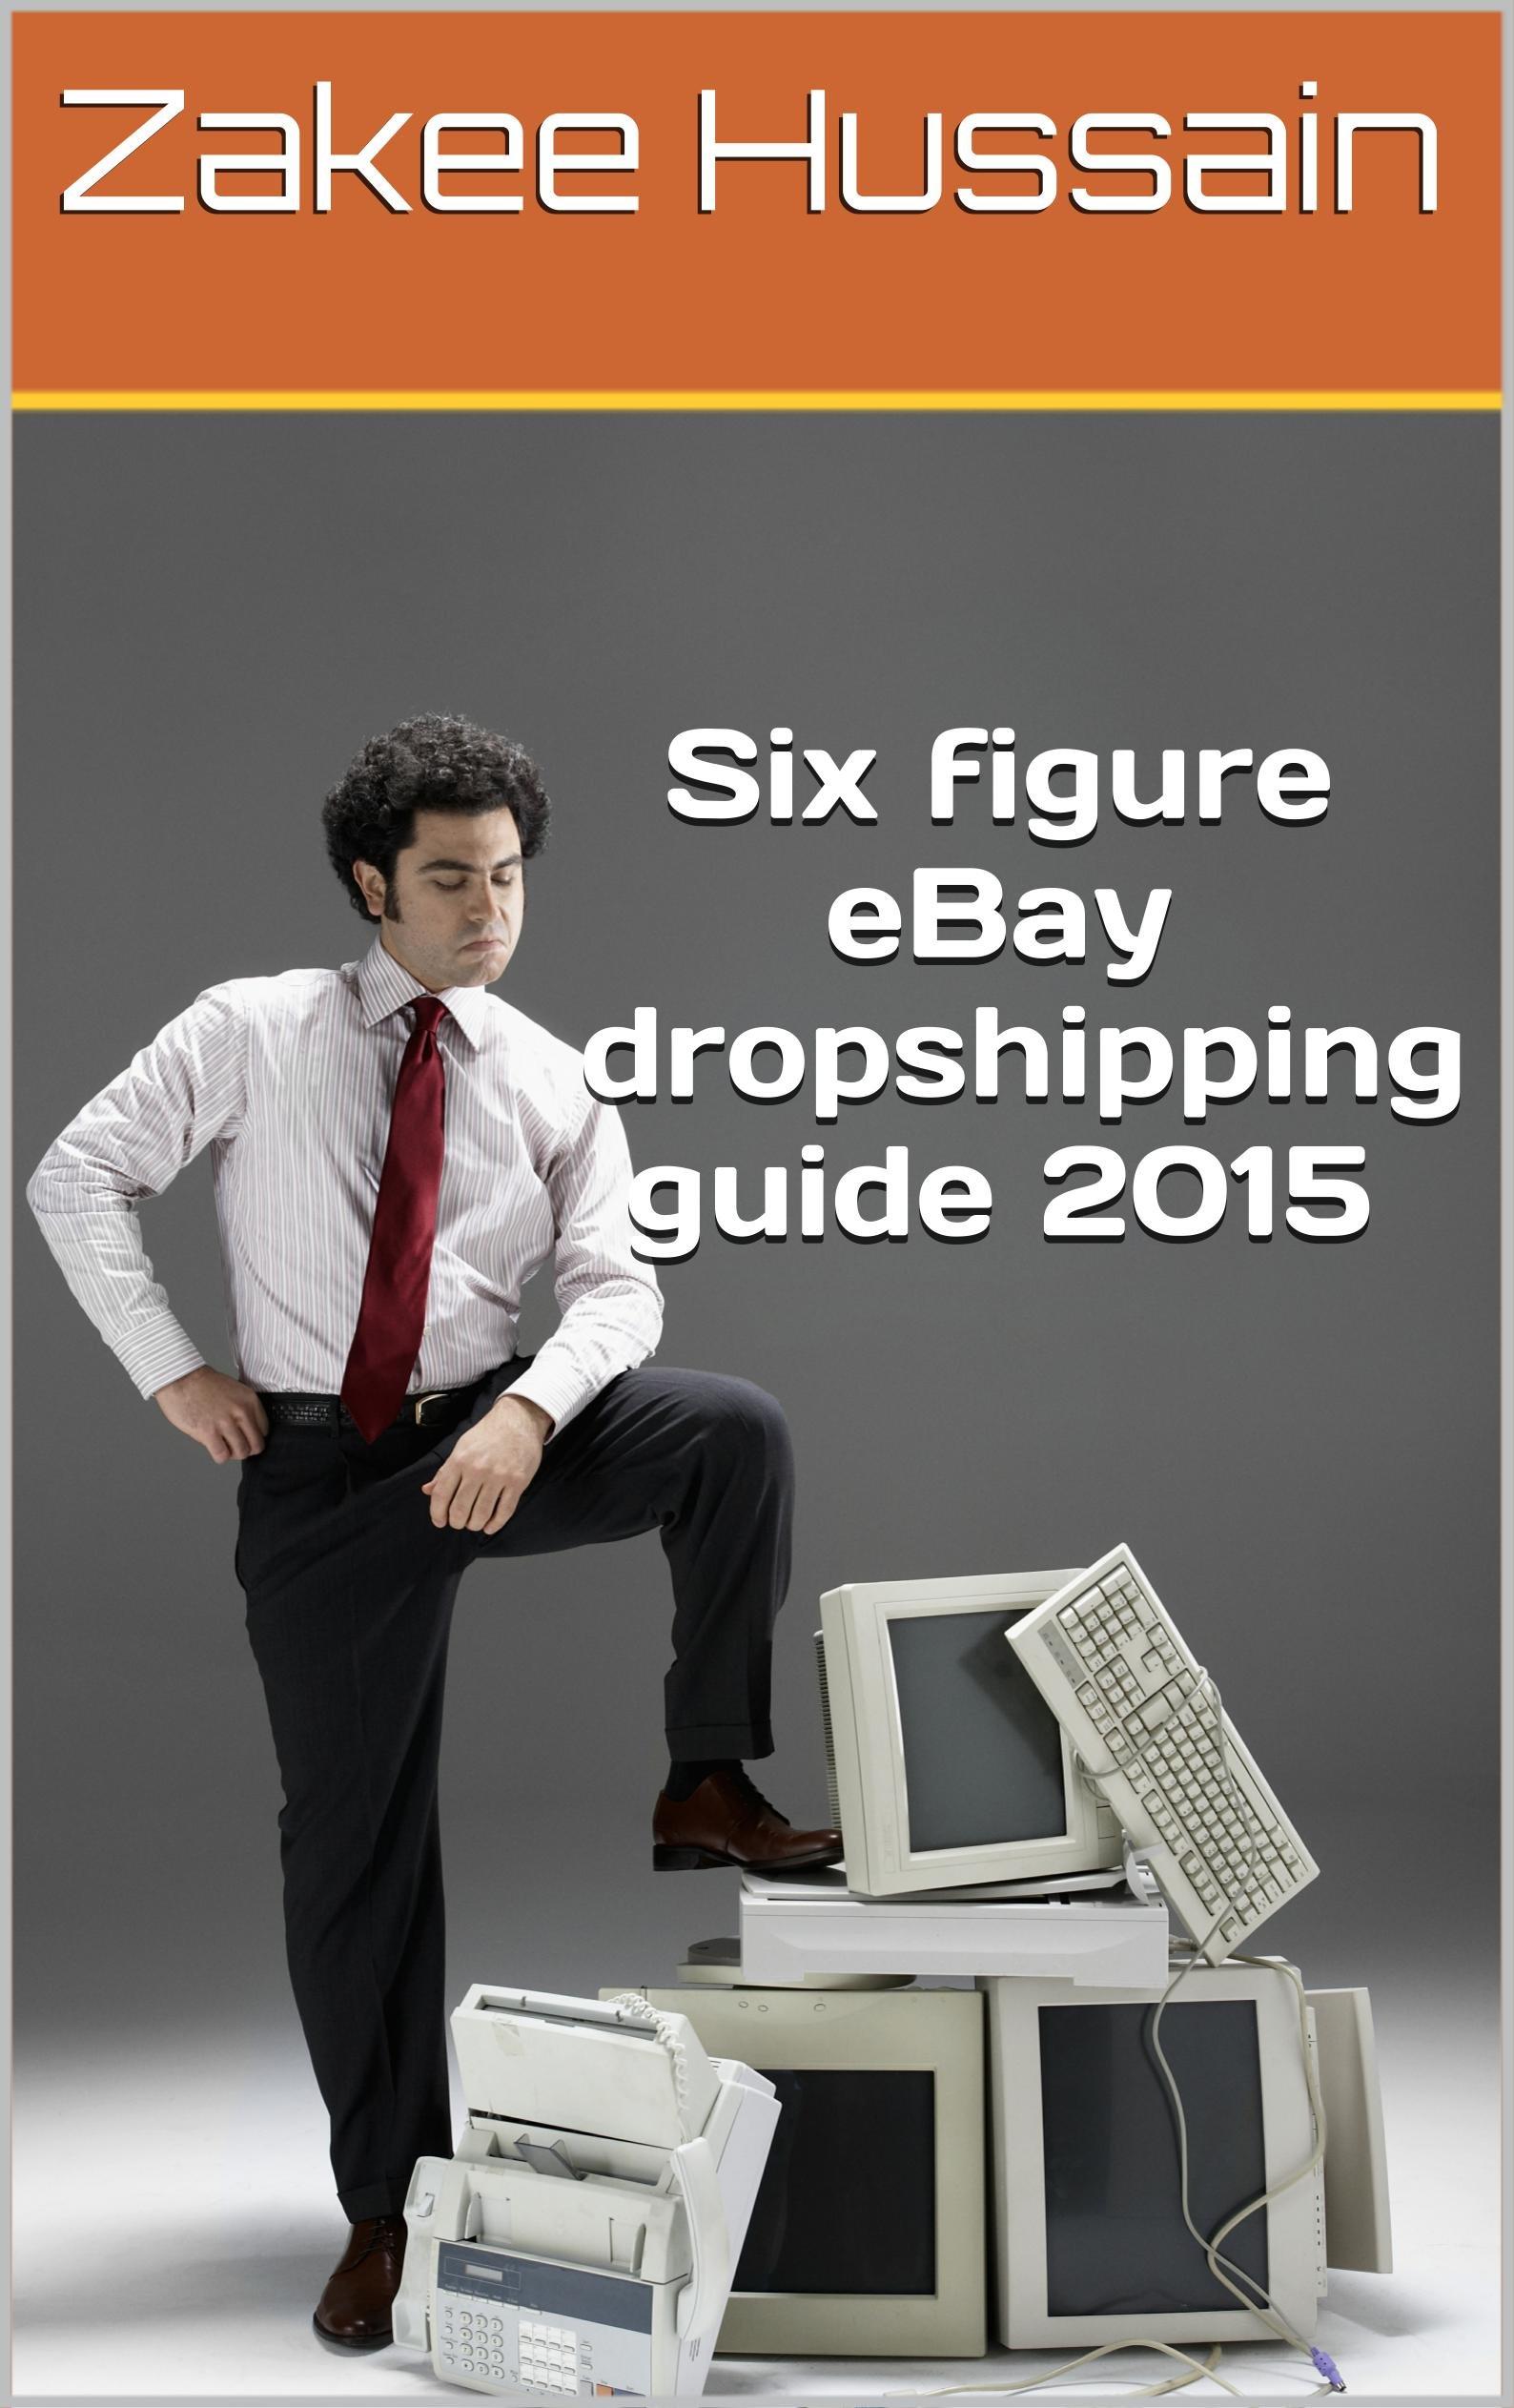 Six figure eBay dropshipping guide 2015